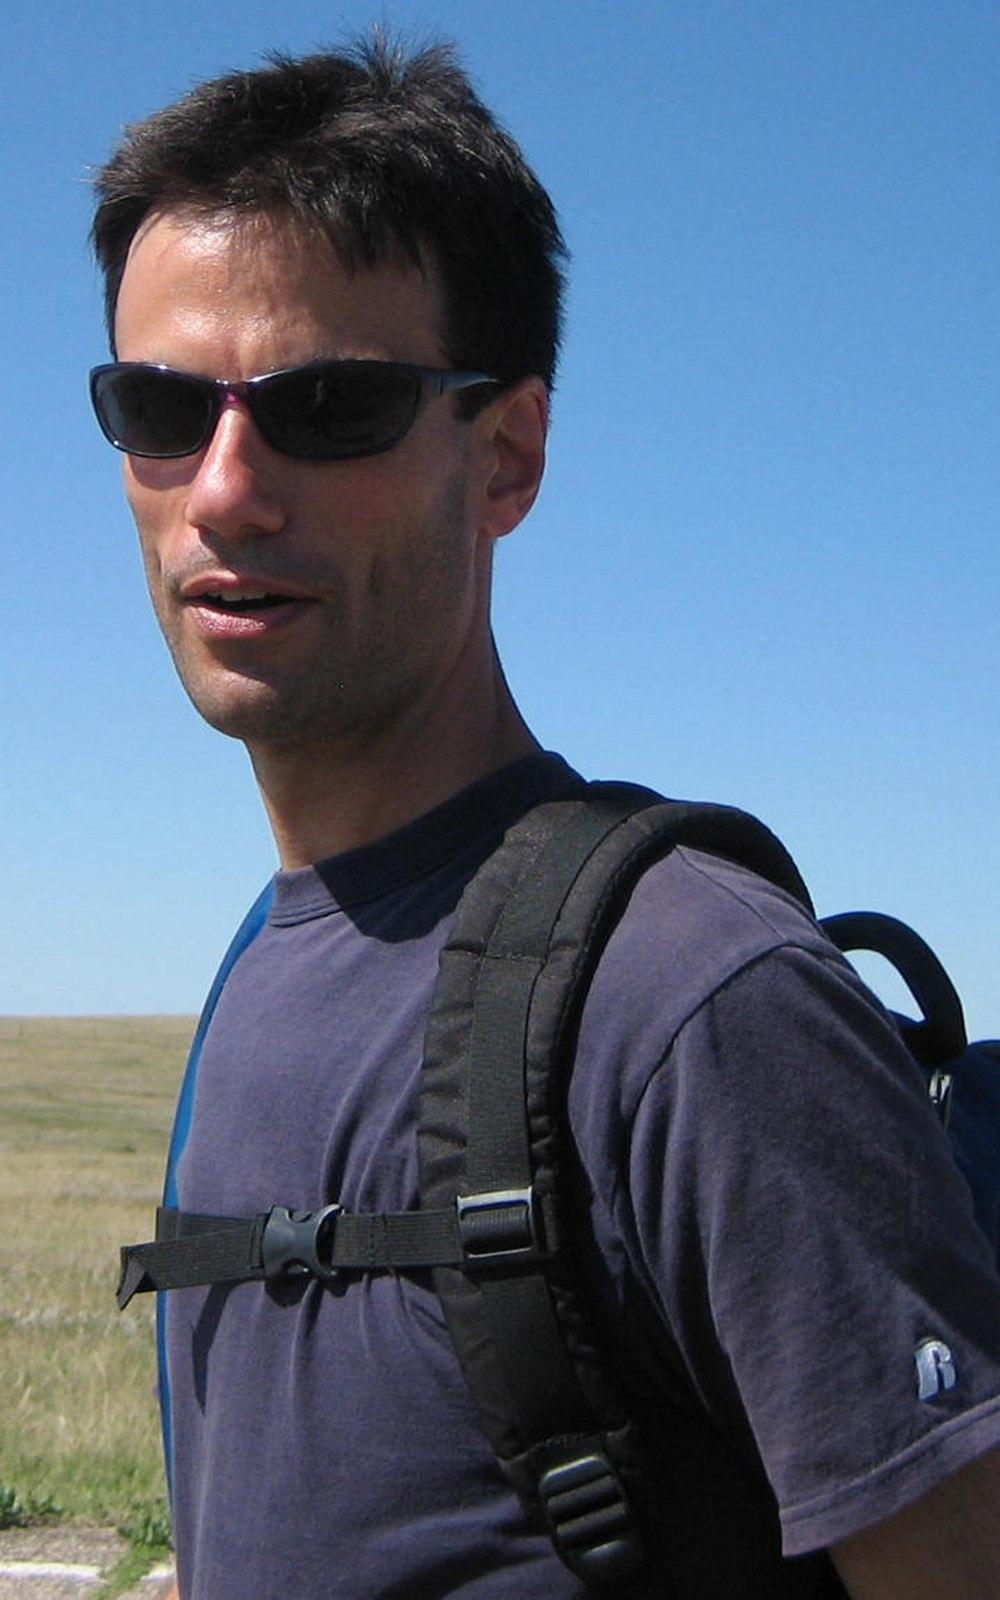 Eric J. Sargis